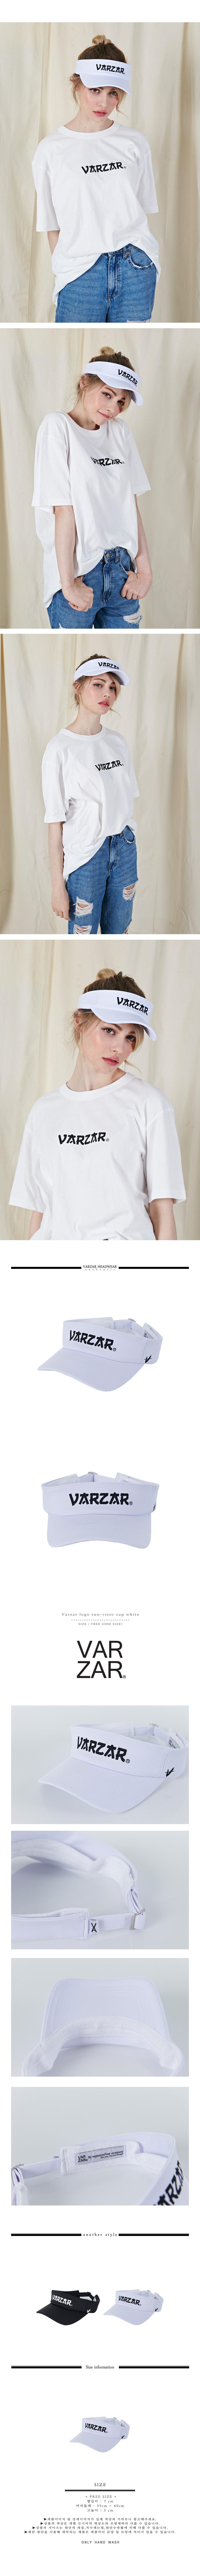 [바잘] VARZAR 로고 선바이져 캡 화이트